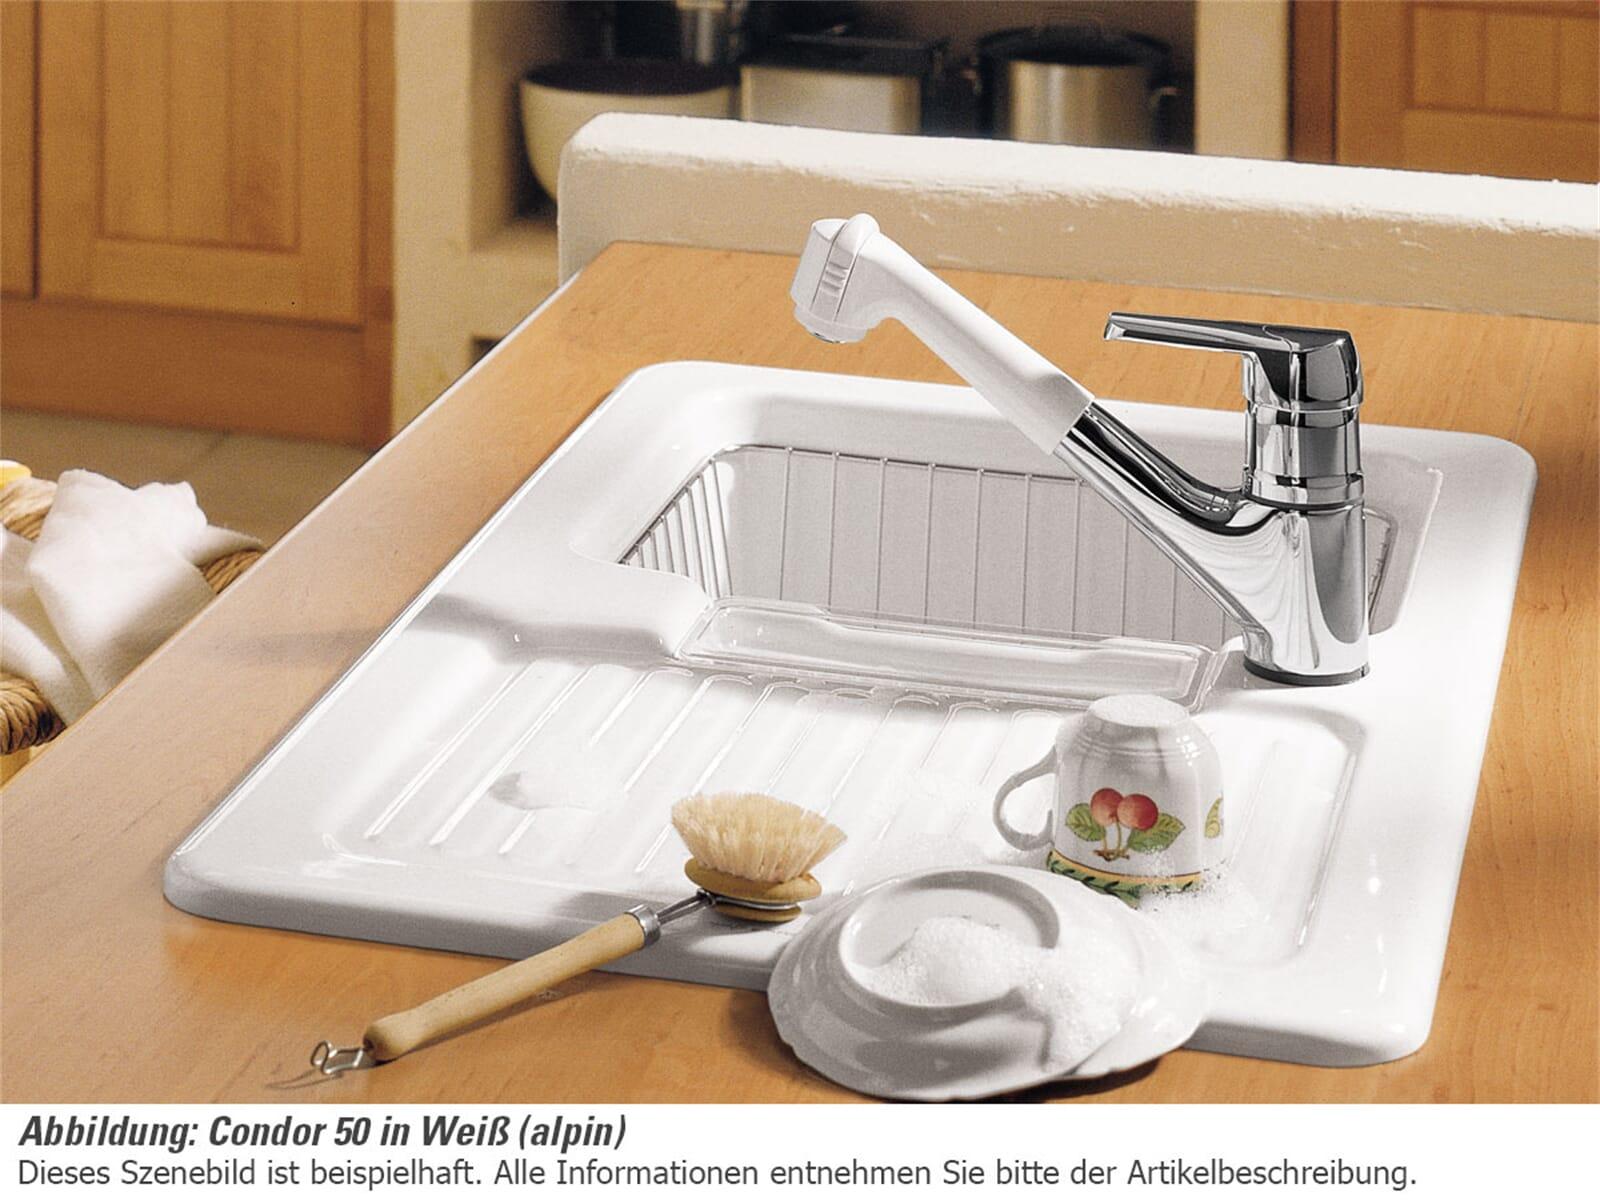 Villeroy & Boch Condor 50 Sand - 6732 02 i5 Keramikspüle ... | {Spülbecken keramik villeroy & boch 68}